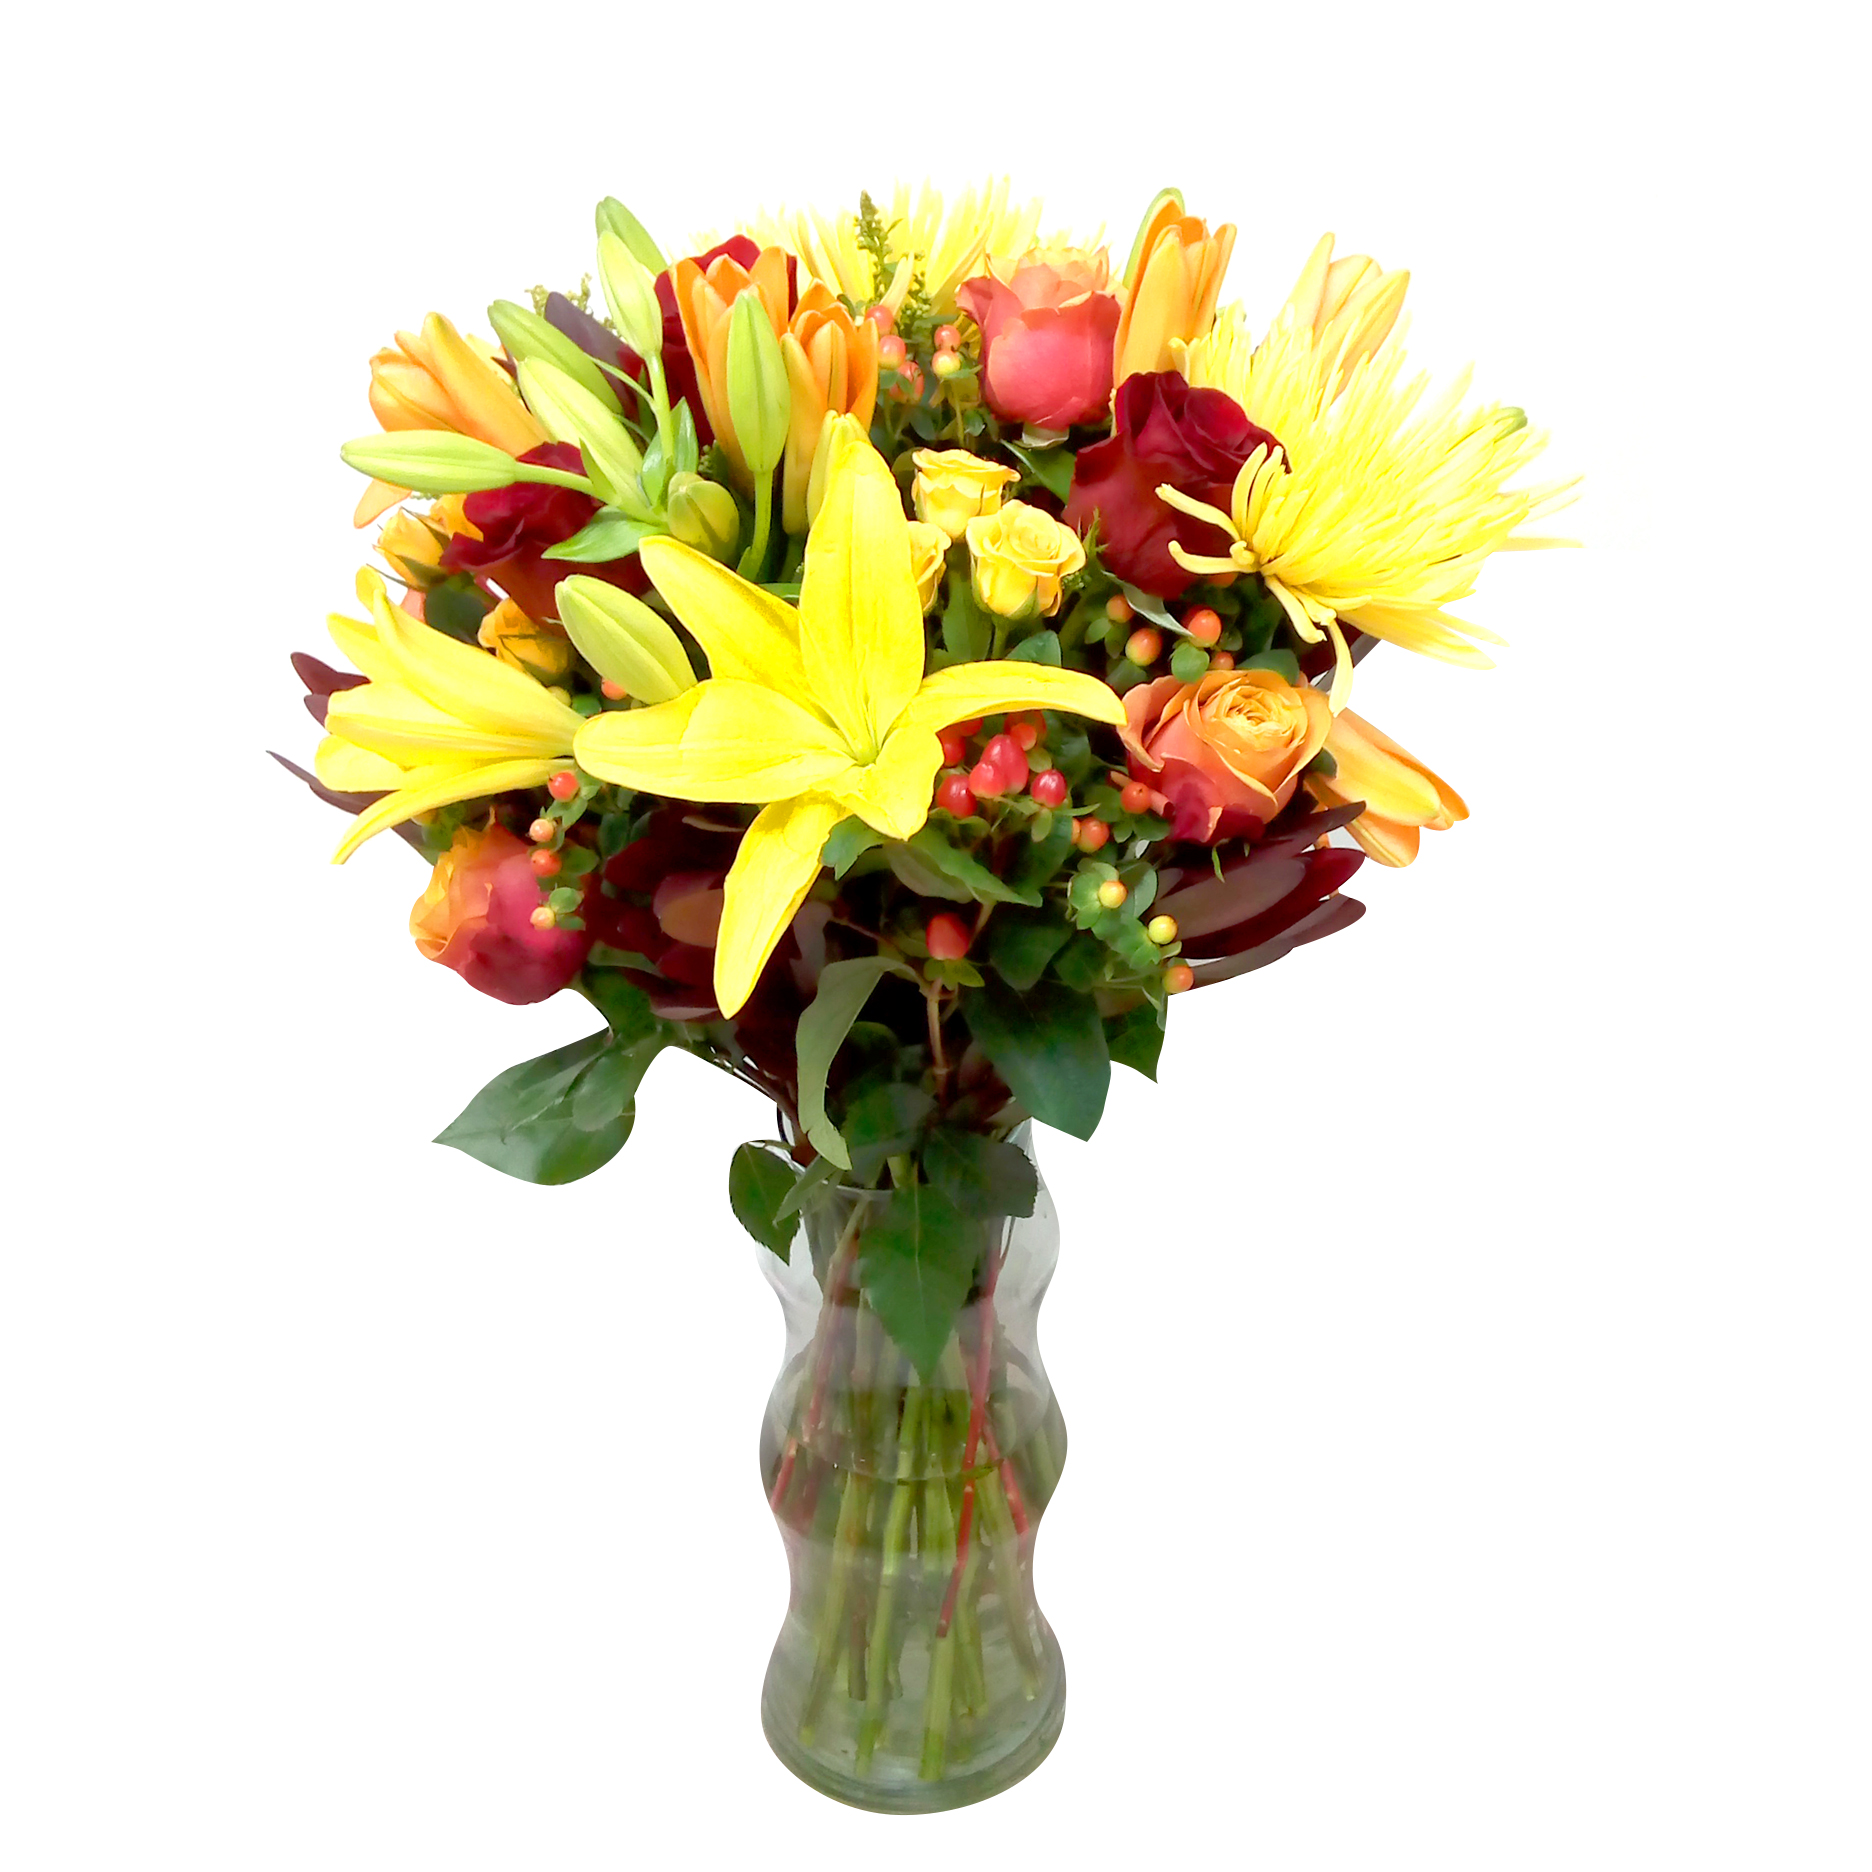 Floreros Mixto con Rosas, Mini Rosas, Lilium mas Spider